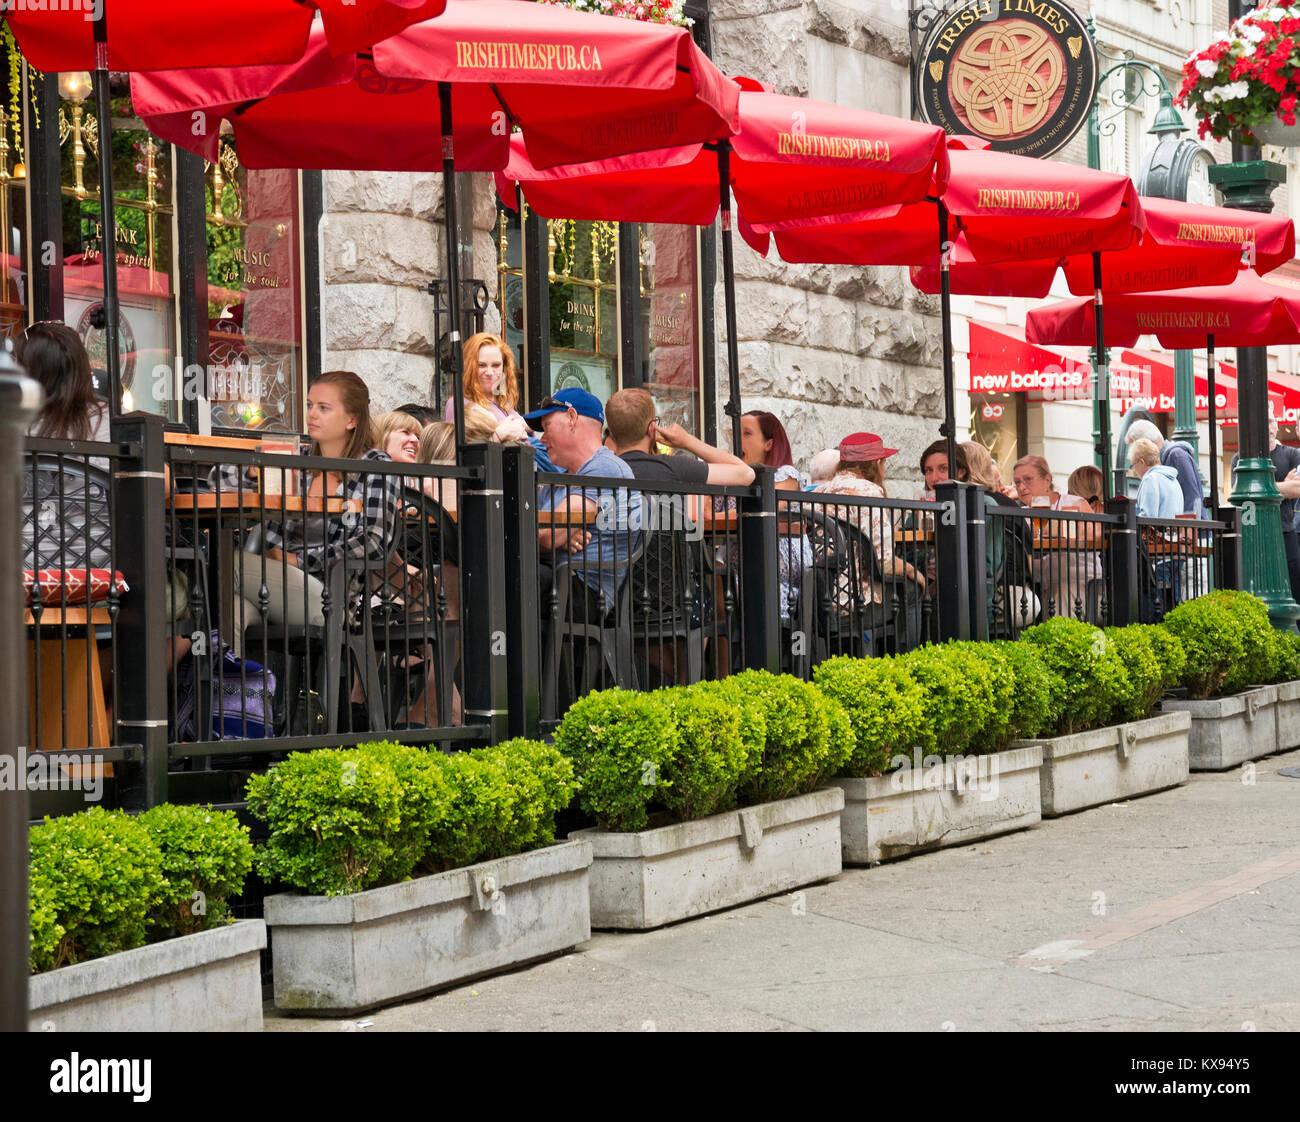 Die Menschen essen auf der Terrasse der Irish Times Pub in Victoria, British Columbia, Kanada. Victoria BC Kanada Stockbild